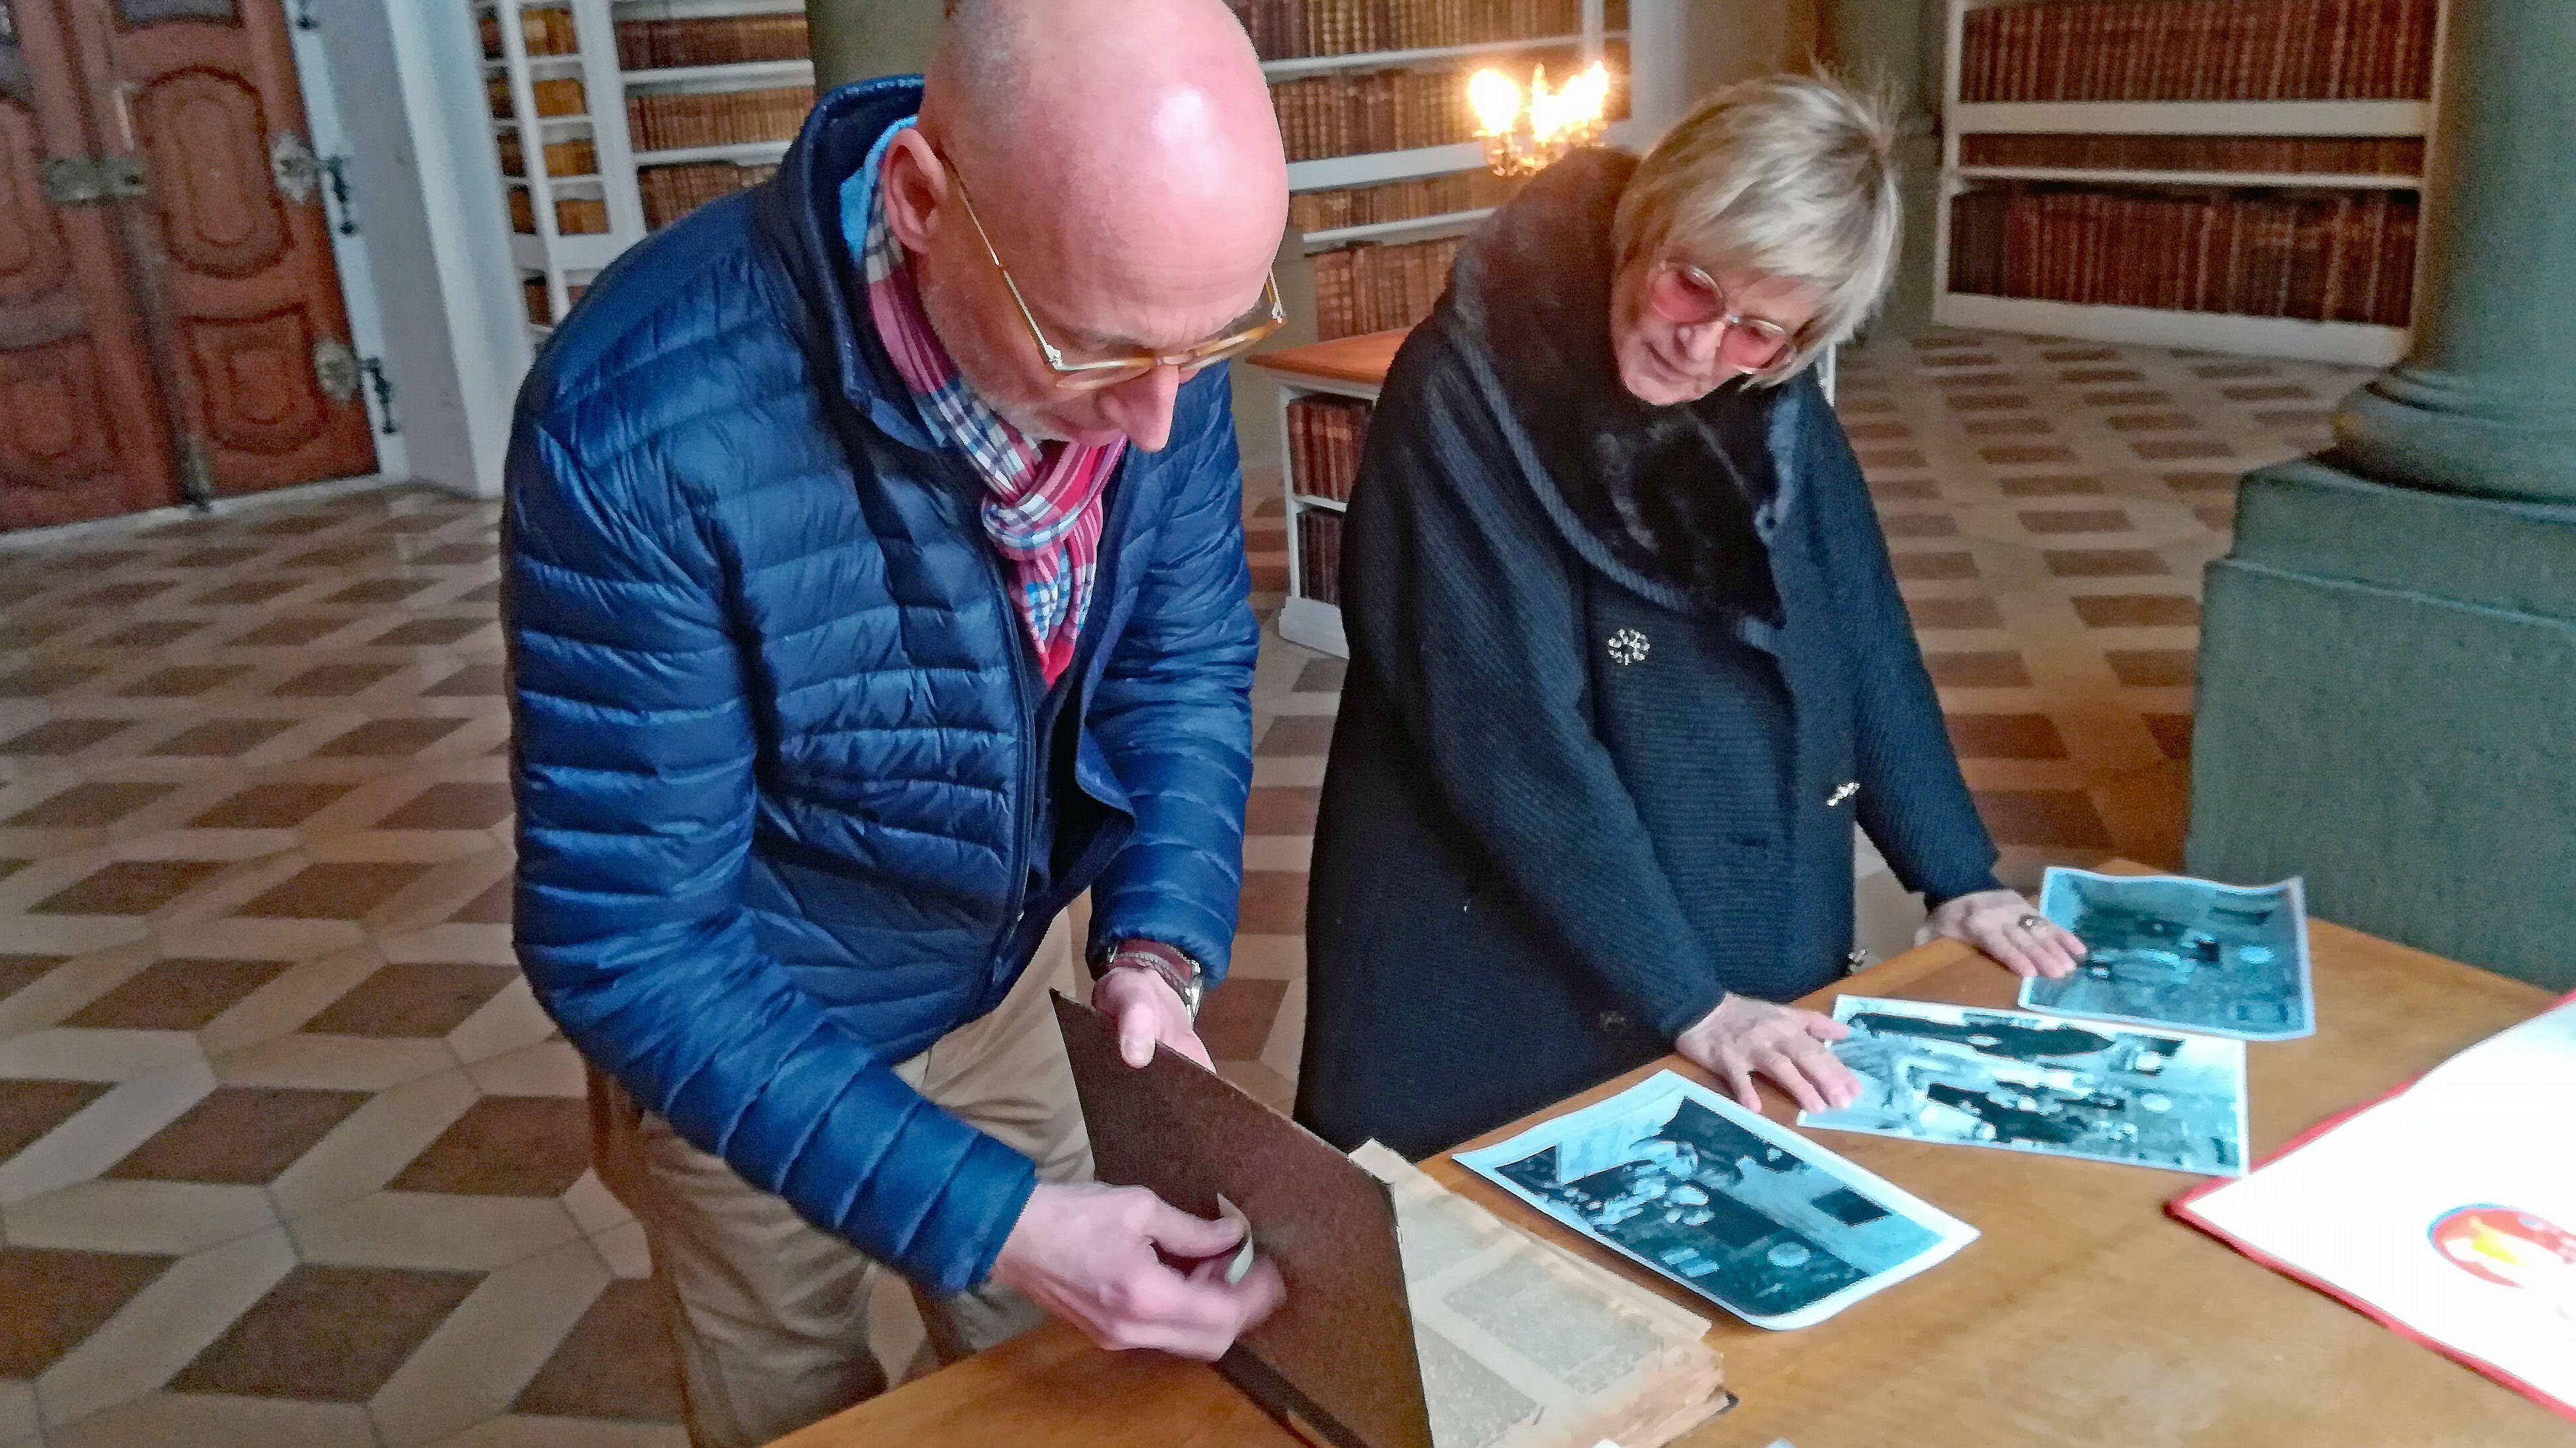 Hausarchivar Peter Styra und Gloria von Thurn und Taxis haben zum Jubiläum eine Ausstellung vorbereitet.